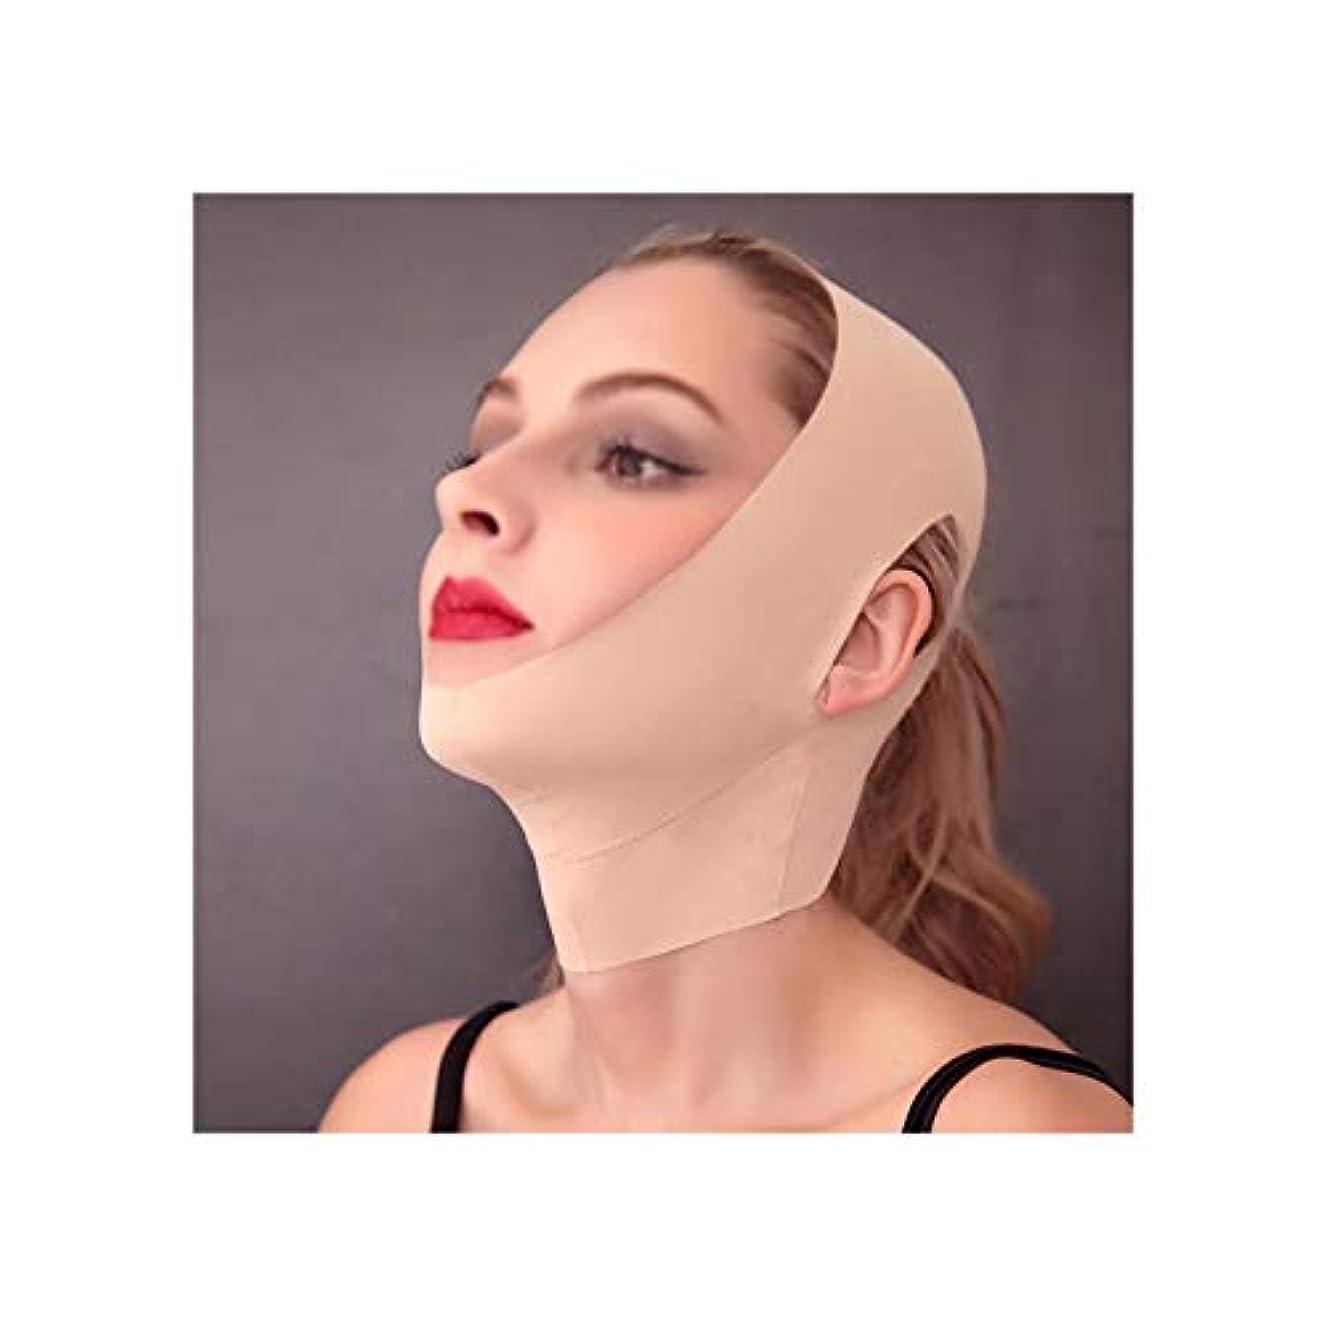 火スマート食品フェイシャルマスク、フェイスリフティングアーティファクト女性の男性の睡眠の顔Vフェイス包帯マスクリフティングフェイス修正引き締め顔に二重あご痩身ベルト